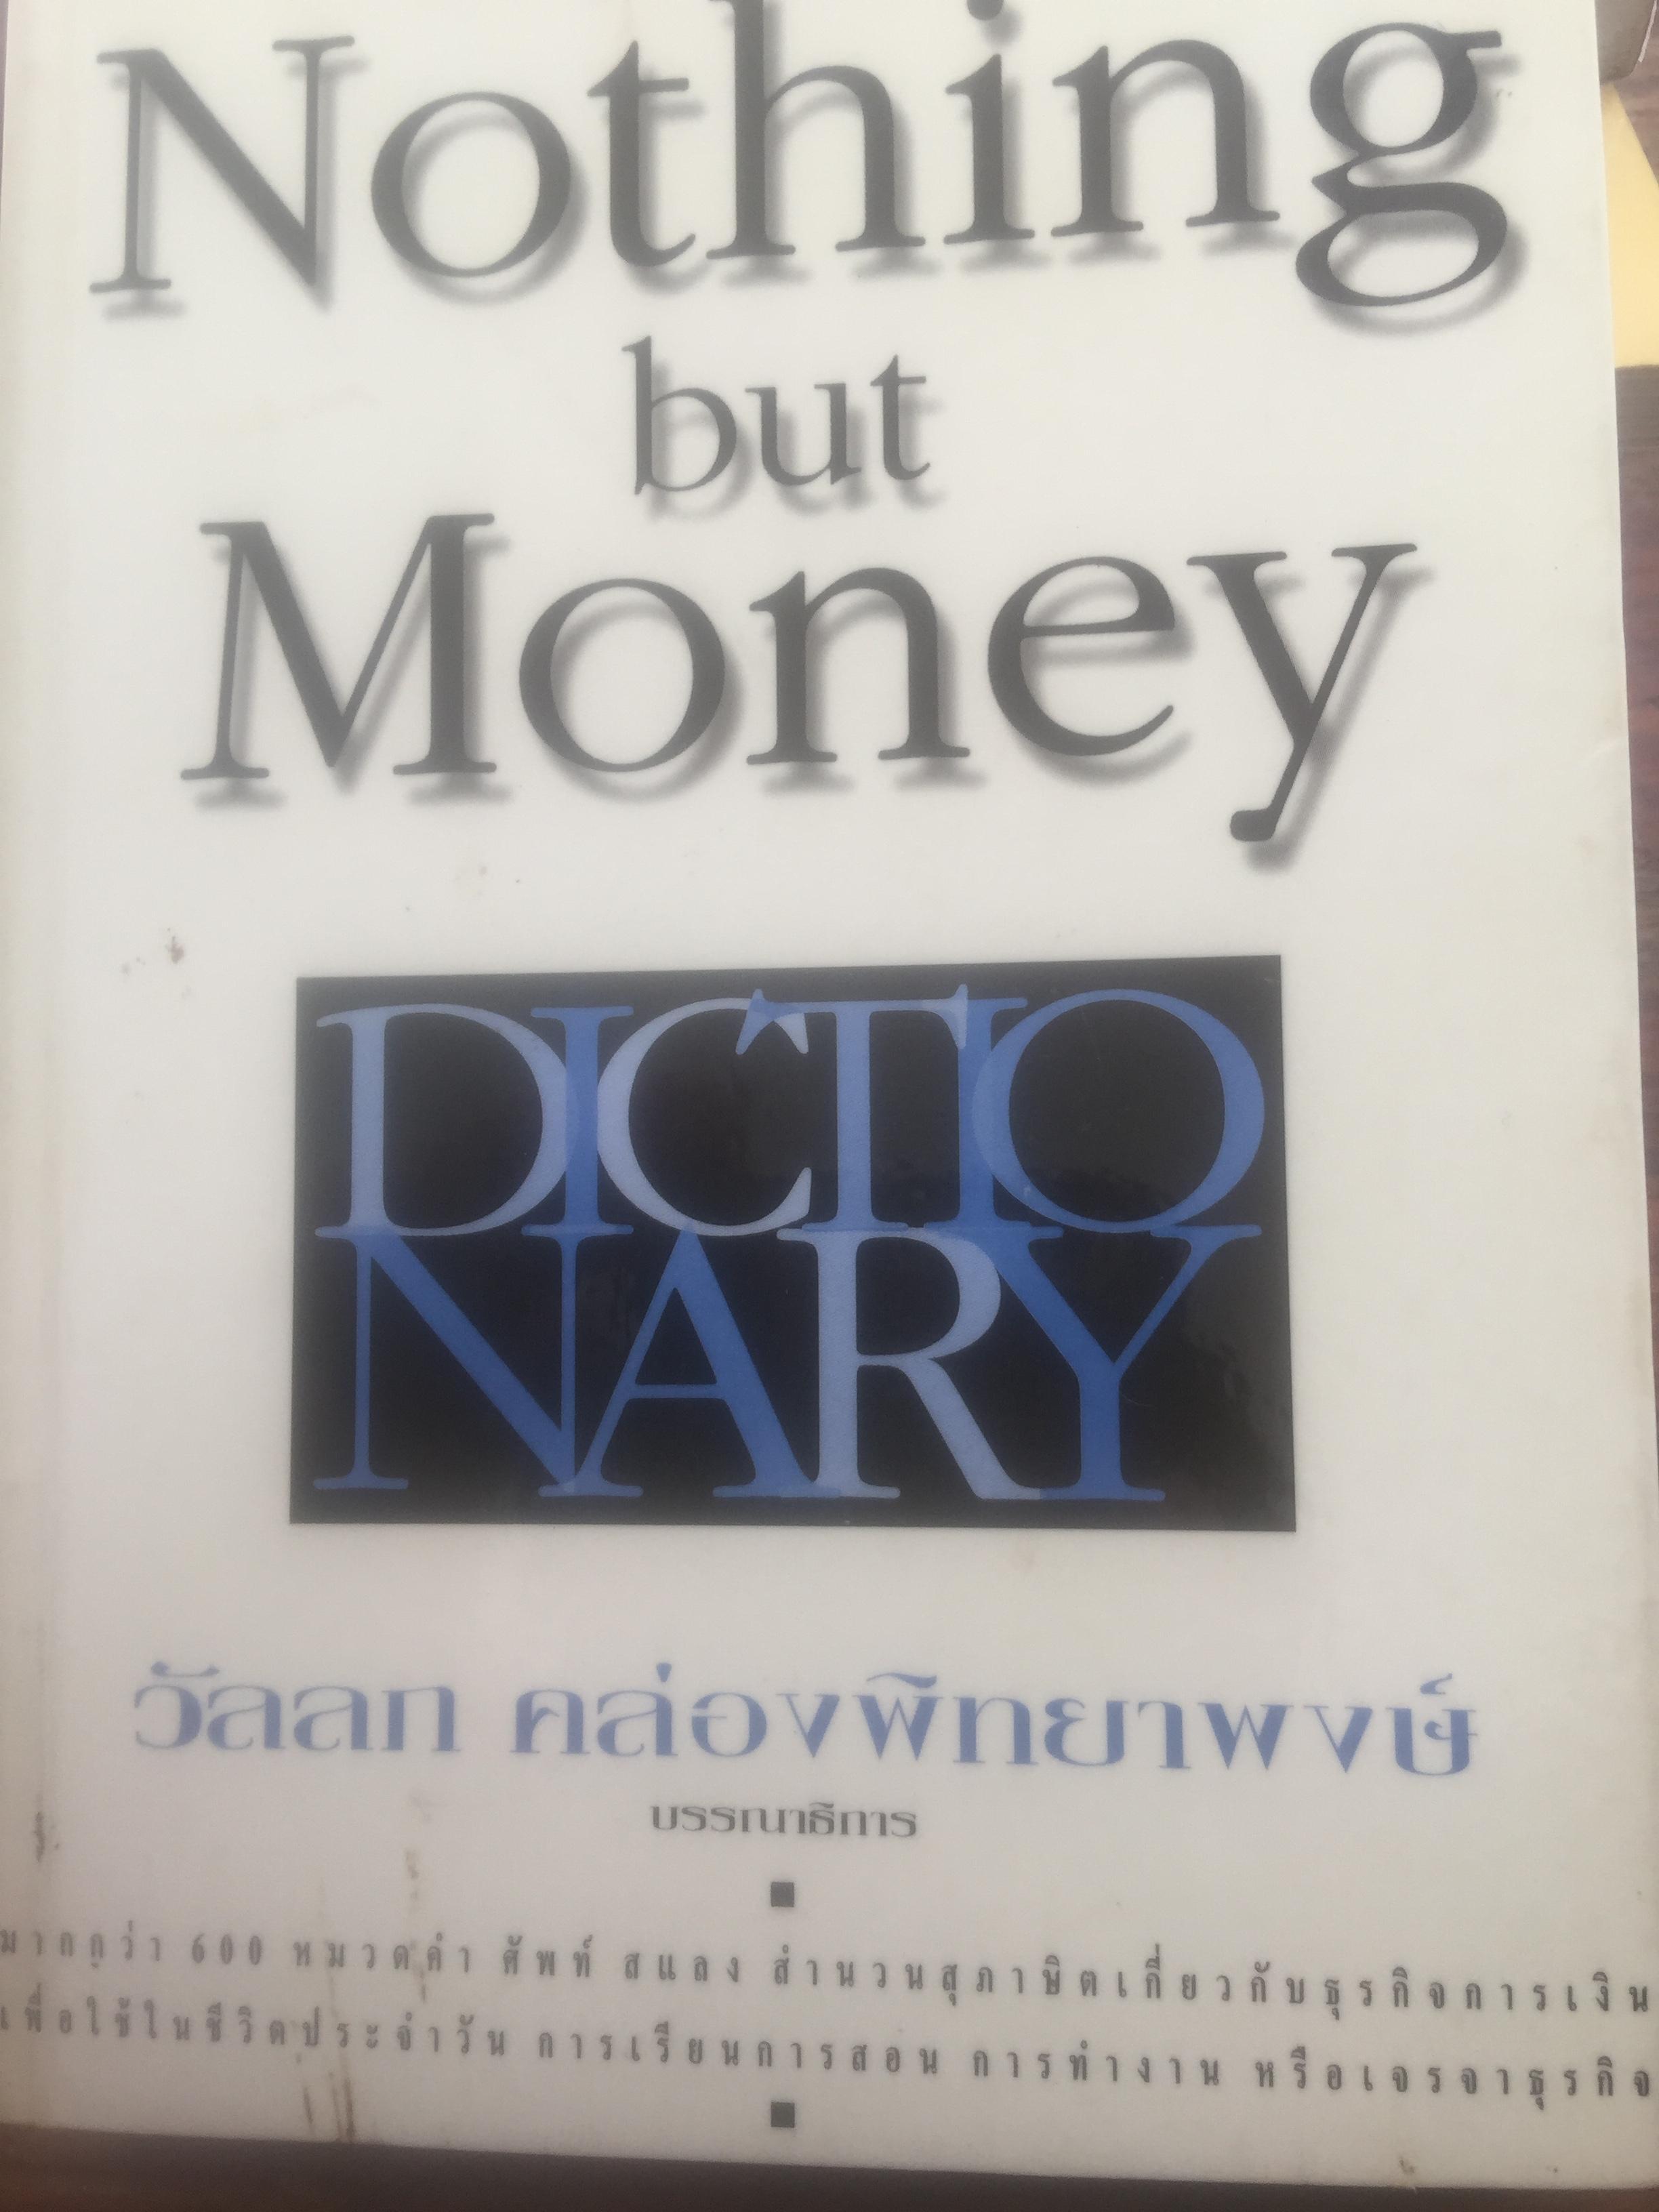 ว่าด้วยเงิน Nothing but Money Dictionary มากกว่า 600 หมวดคำ ศัพท์ สแลง สำนวนสุภาษิต